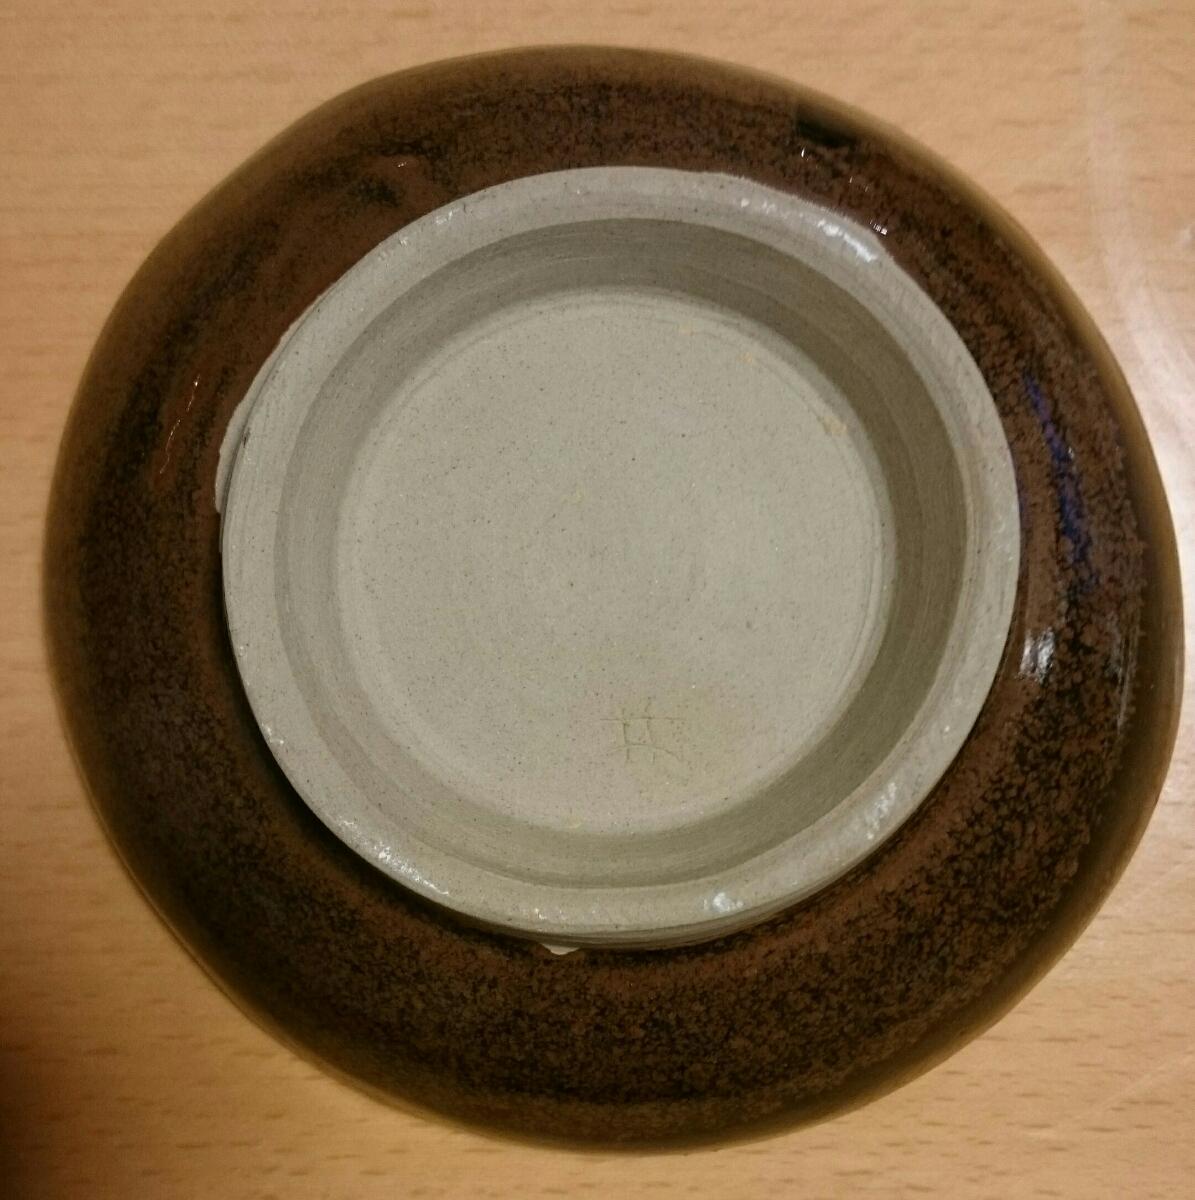 ハンドメイド食器小鉢直径約13.9cmオススメ品_ハンドメイド食器小鉢直径約13.9cmオススメ